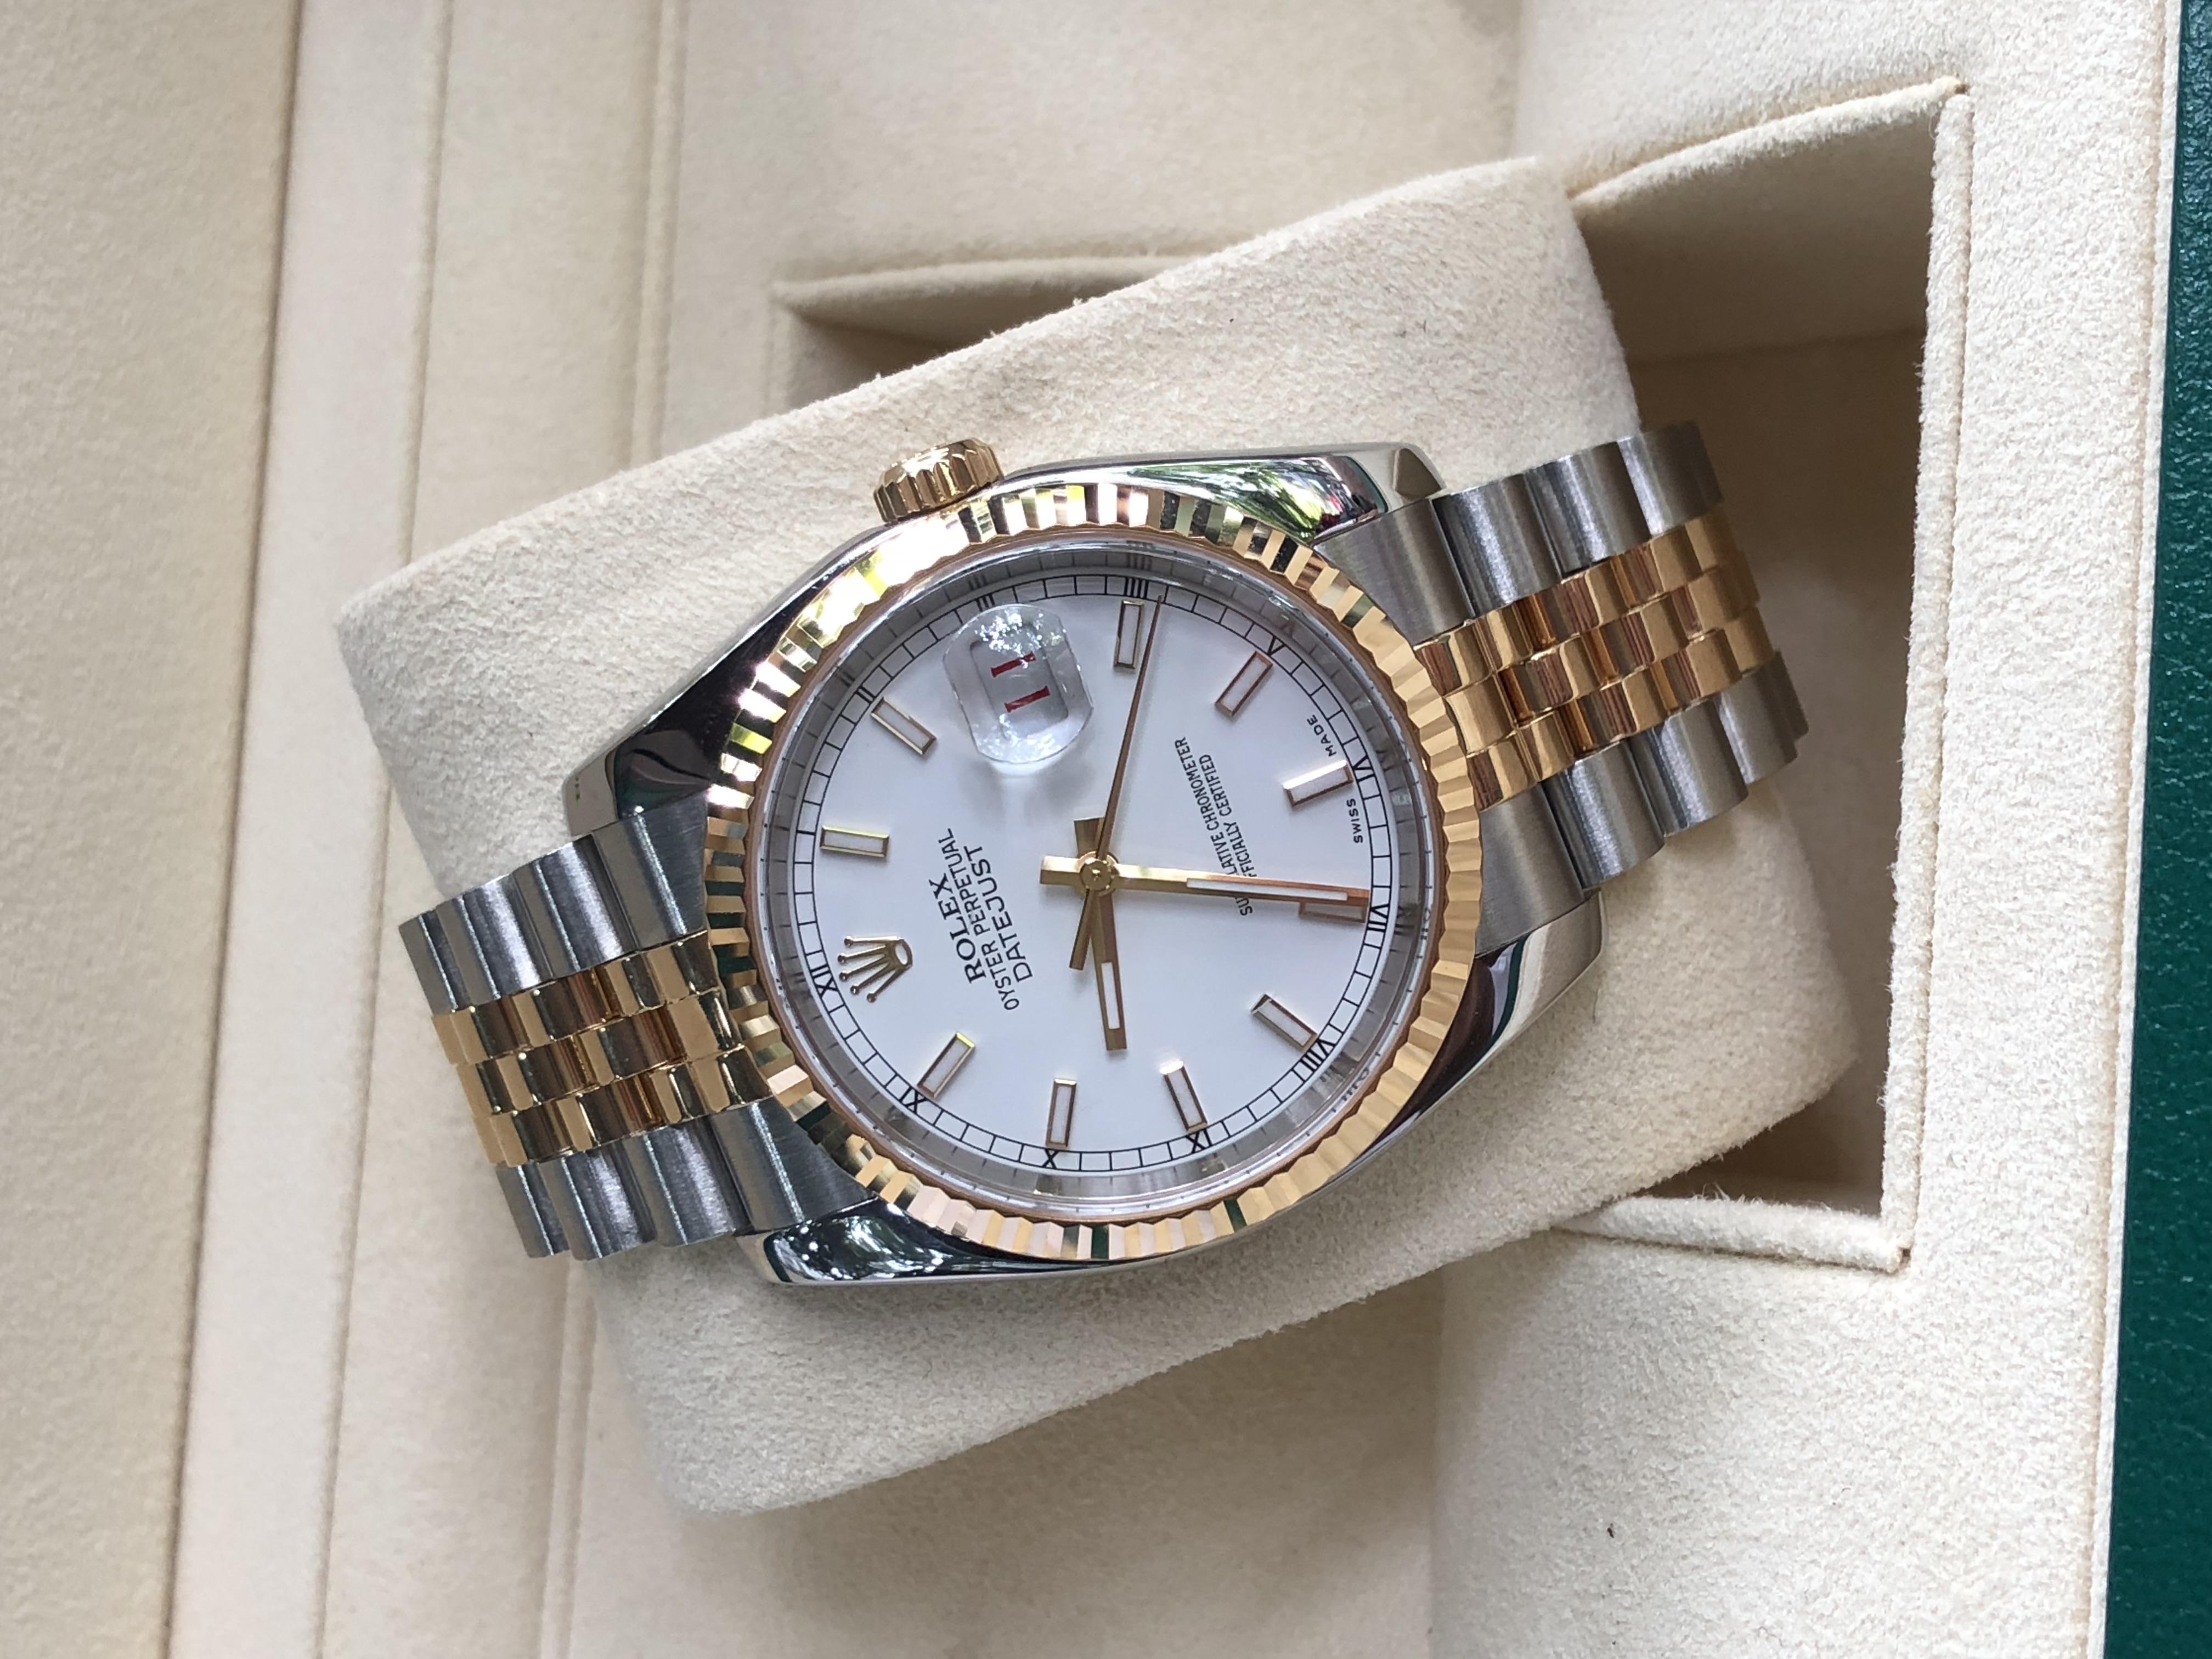 Rolex 116233 mặt số tráng men trắng sản xuất năm 2004